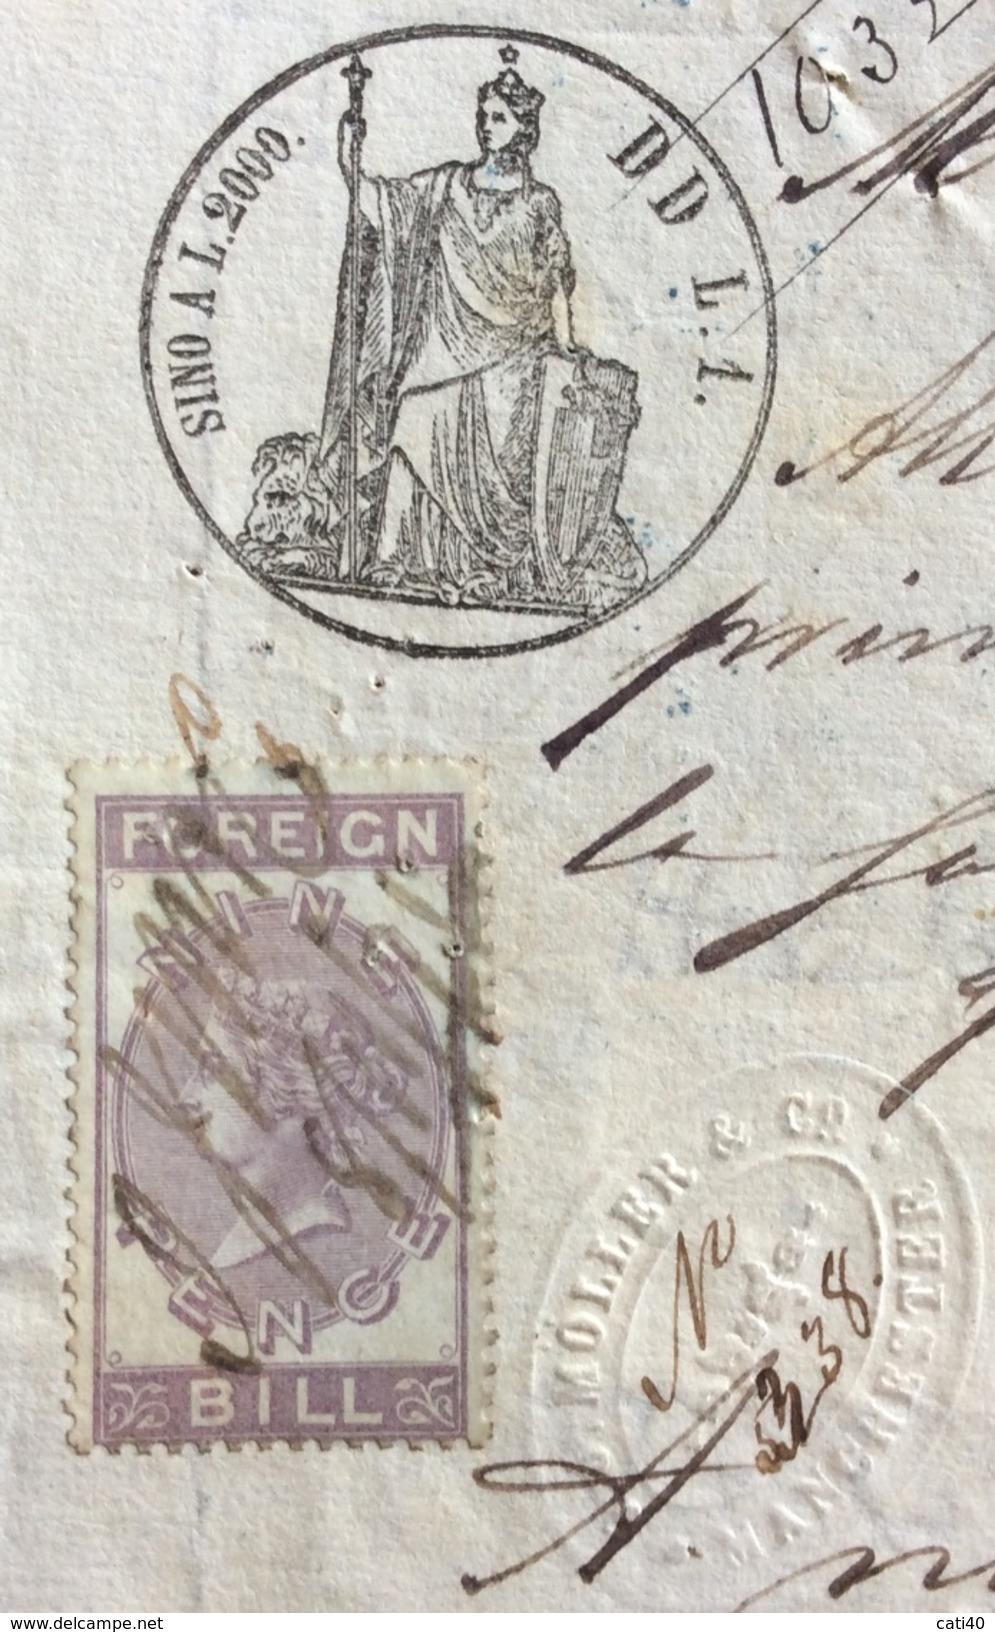 MARCA DA BOLLO SU CAMBIALE(1868) MILANO  1871 DI 1695 LIRE ITALIANE   VARIE FIRME    DOCUMENTO ORIGINALE - Cambiali